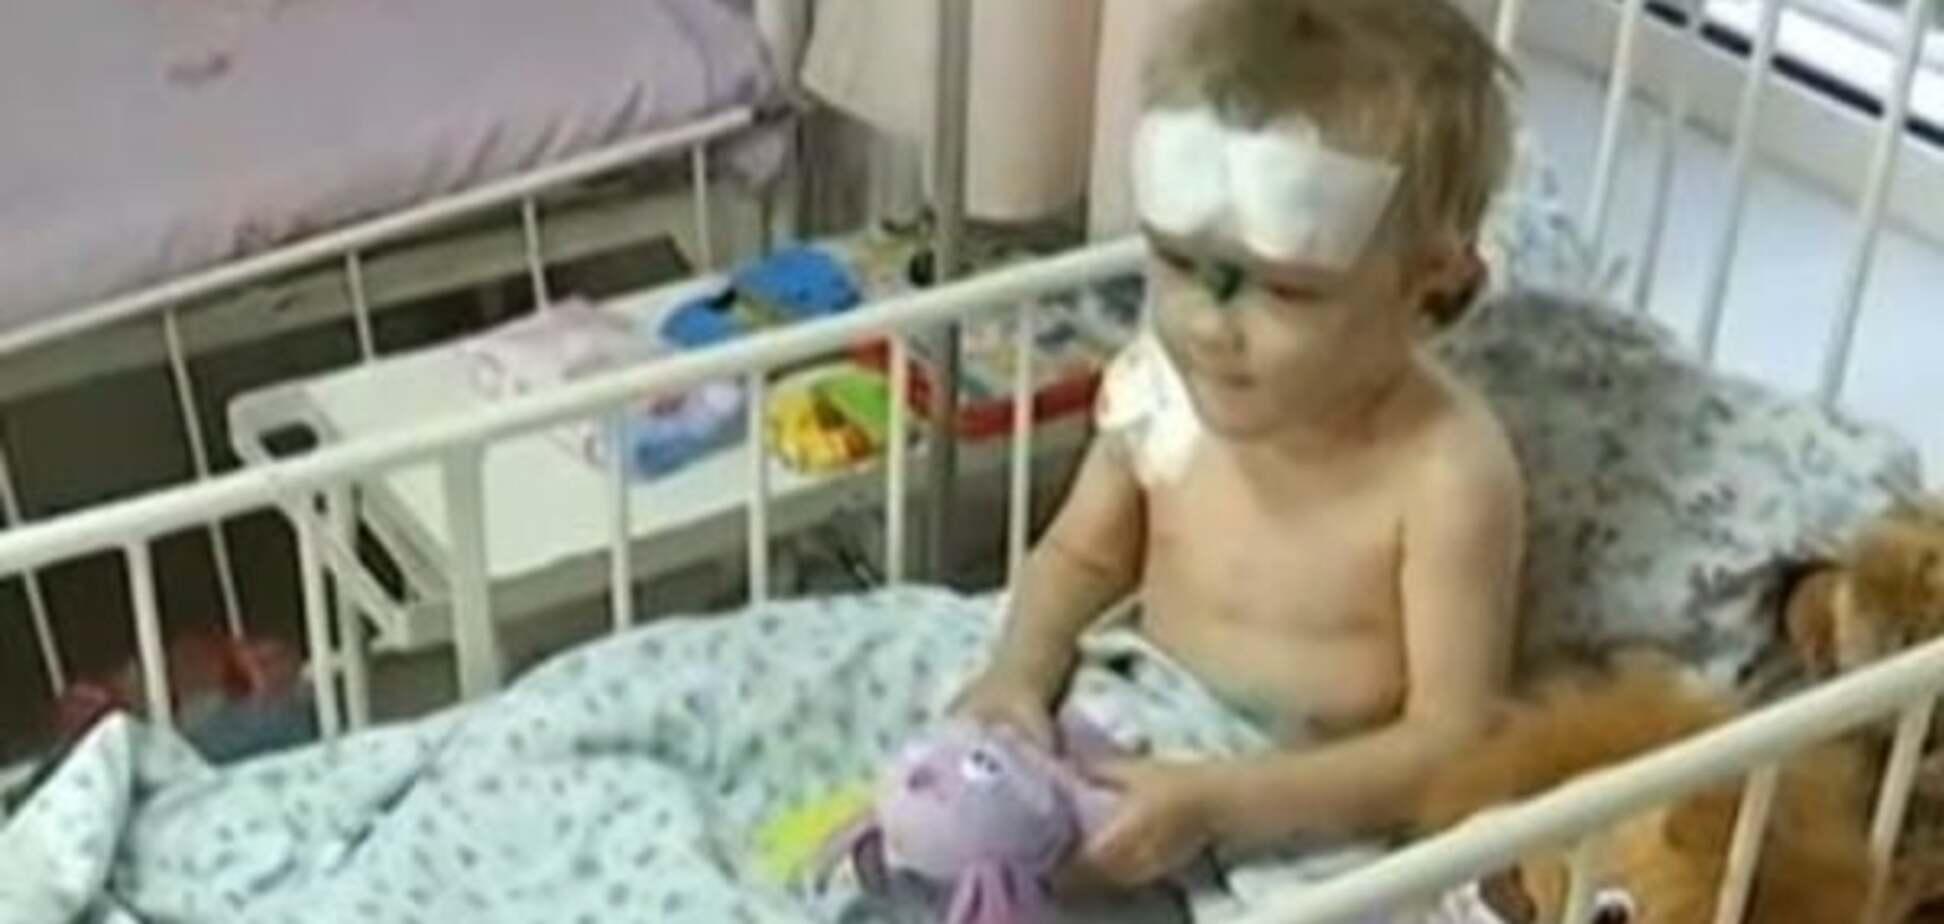 Избиение малыша в Одессе: полиция рассказала, как продвигается расследование